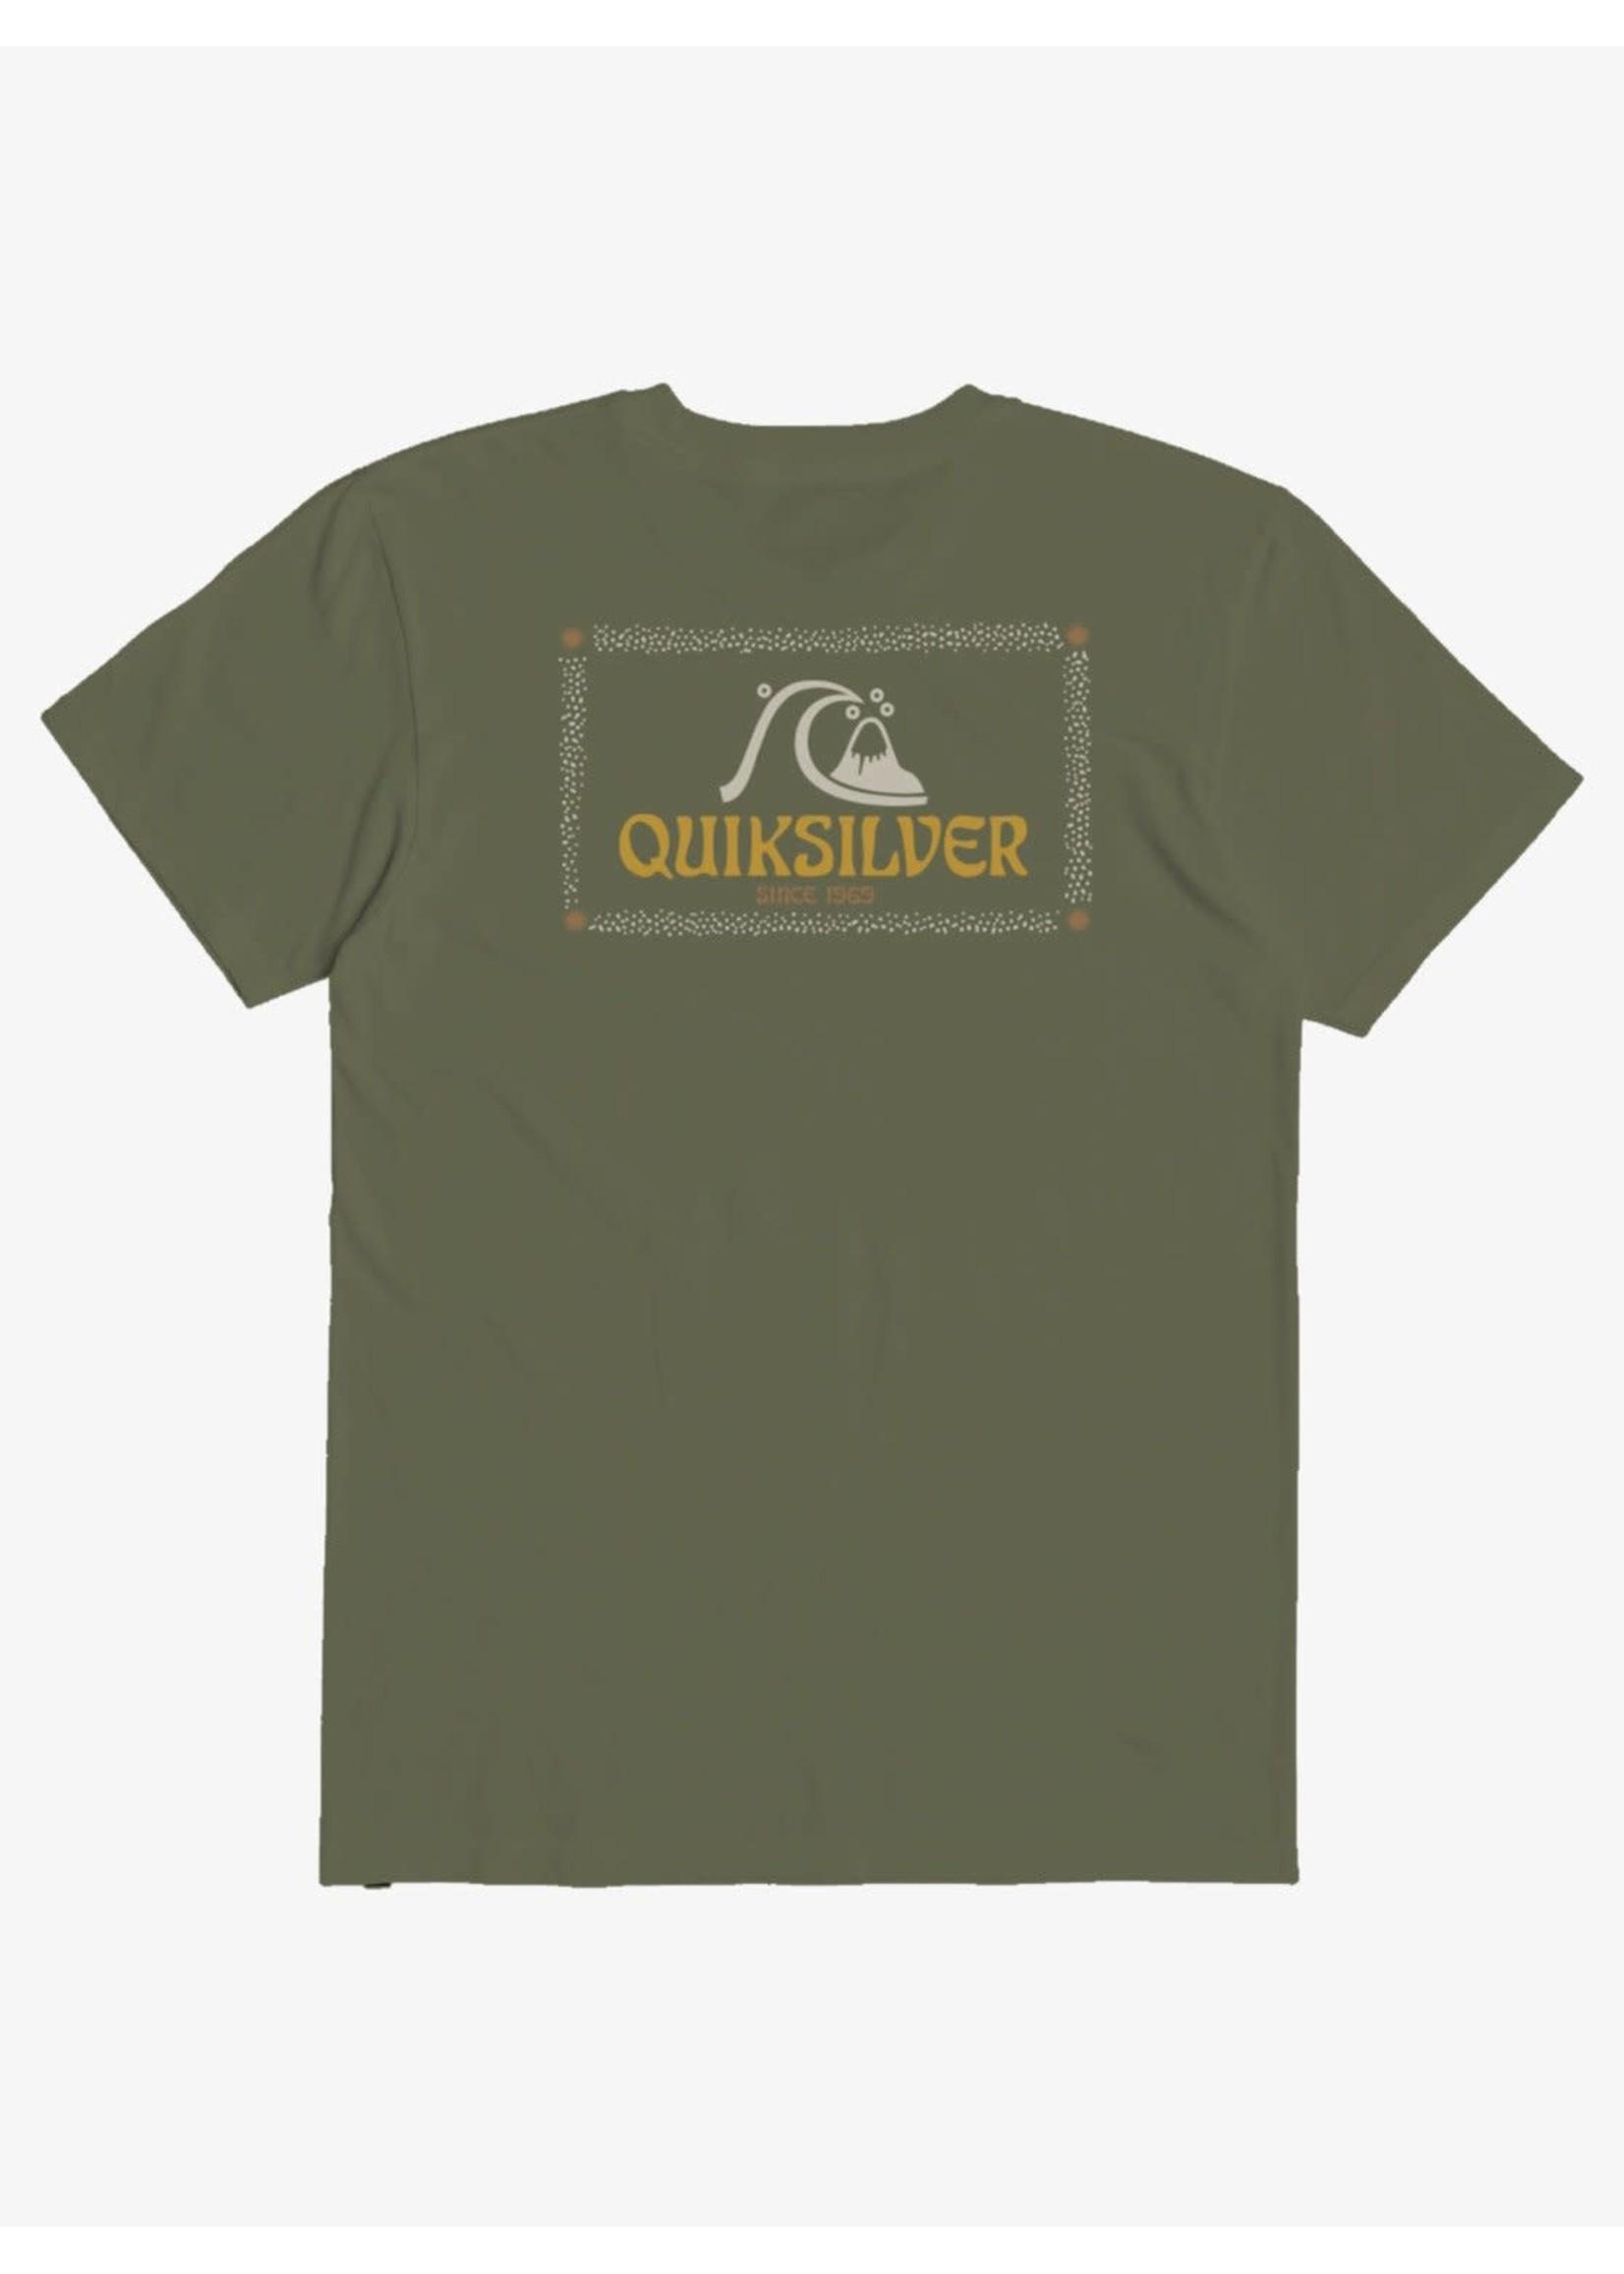 QUIKSILVER T-shirt Dream Voucher